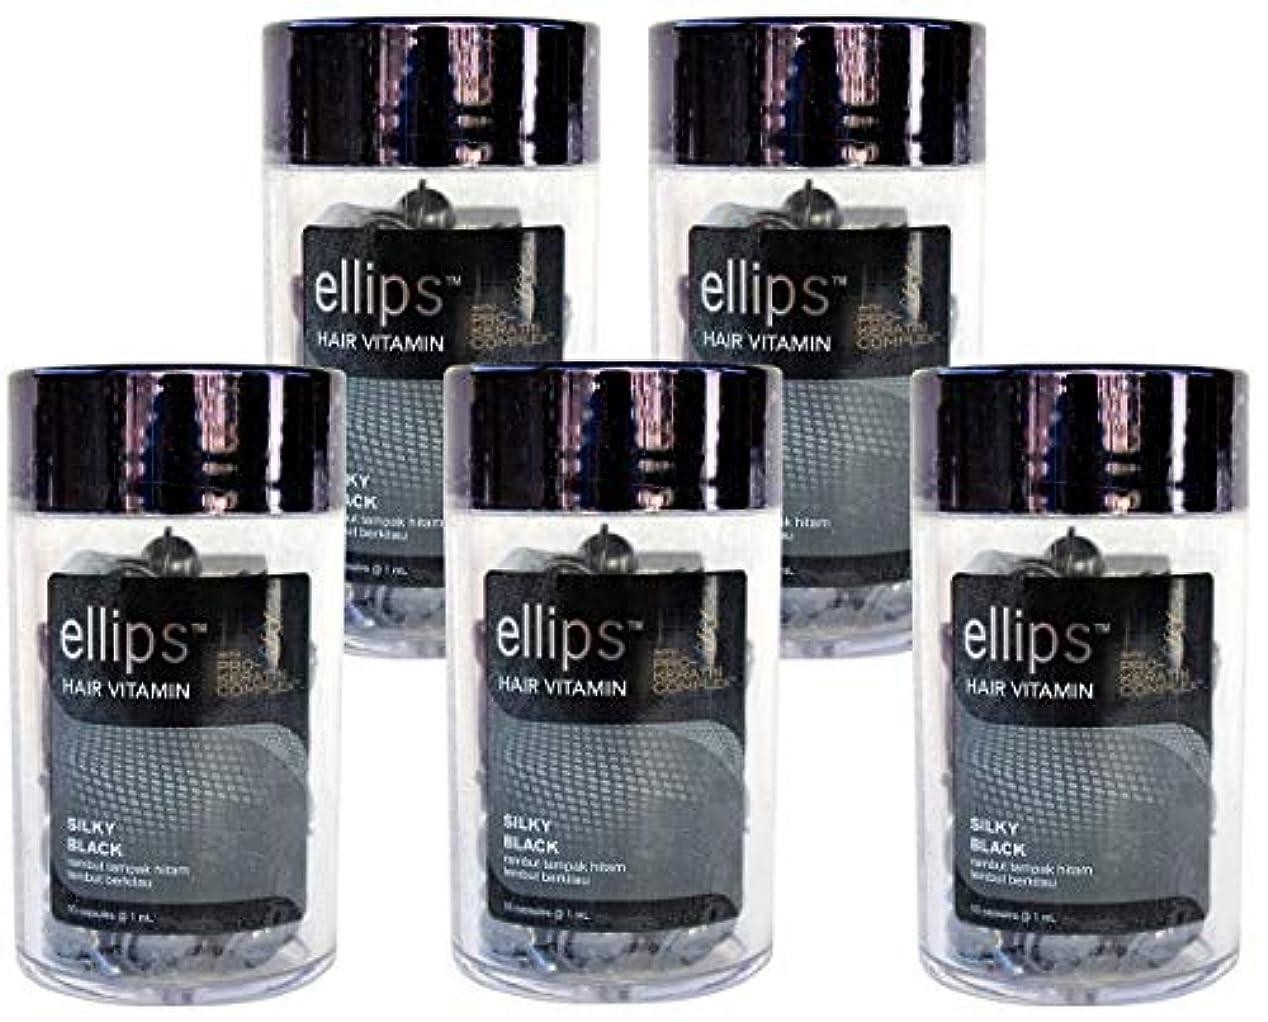 削減ツーリスト日ellips エリプス Hair Vitamin ヘア ビタミン Pro-Keratin Complex プロケラチン配合 SILKY BLACK ブラック ボトル(50粒入) × 5本 セット [並行輸入品][海外直送品]